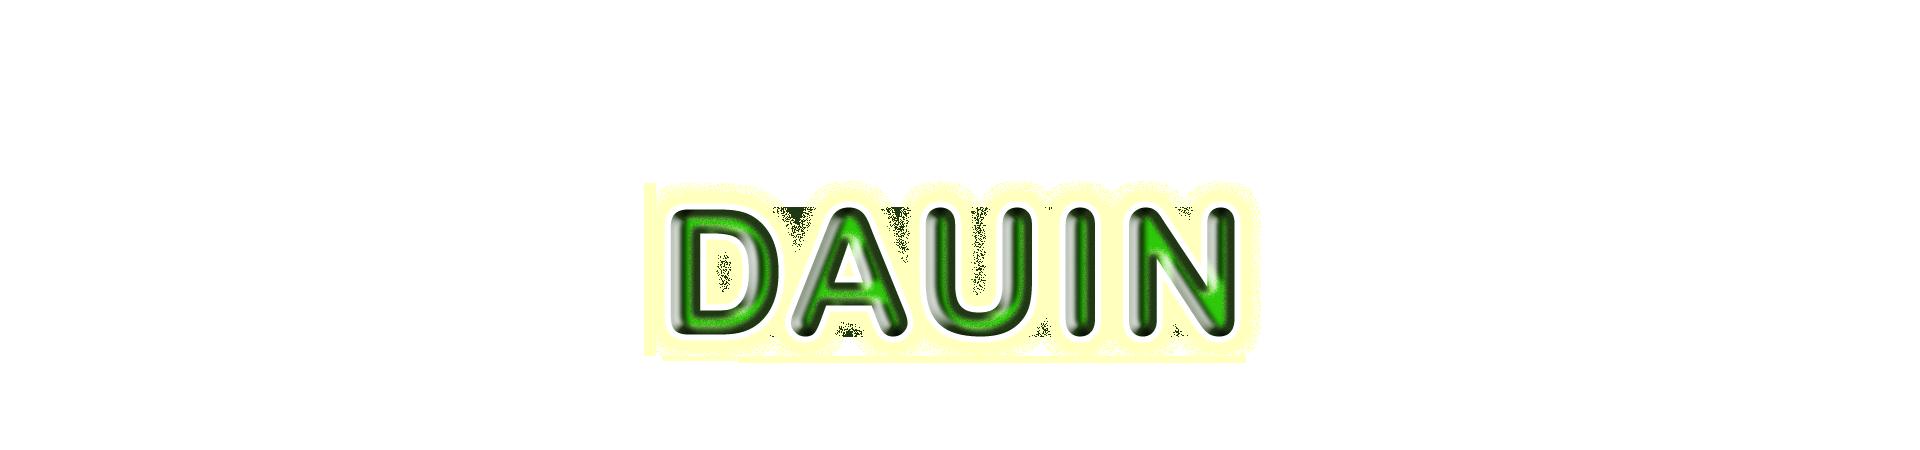 Dauin-Negros Oriental